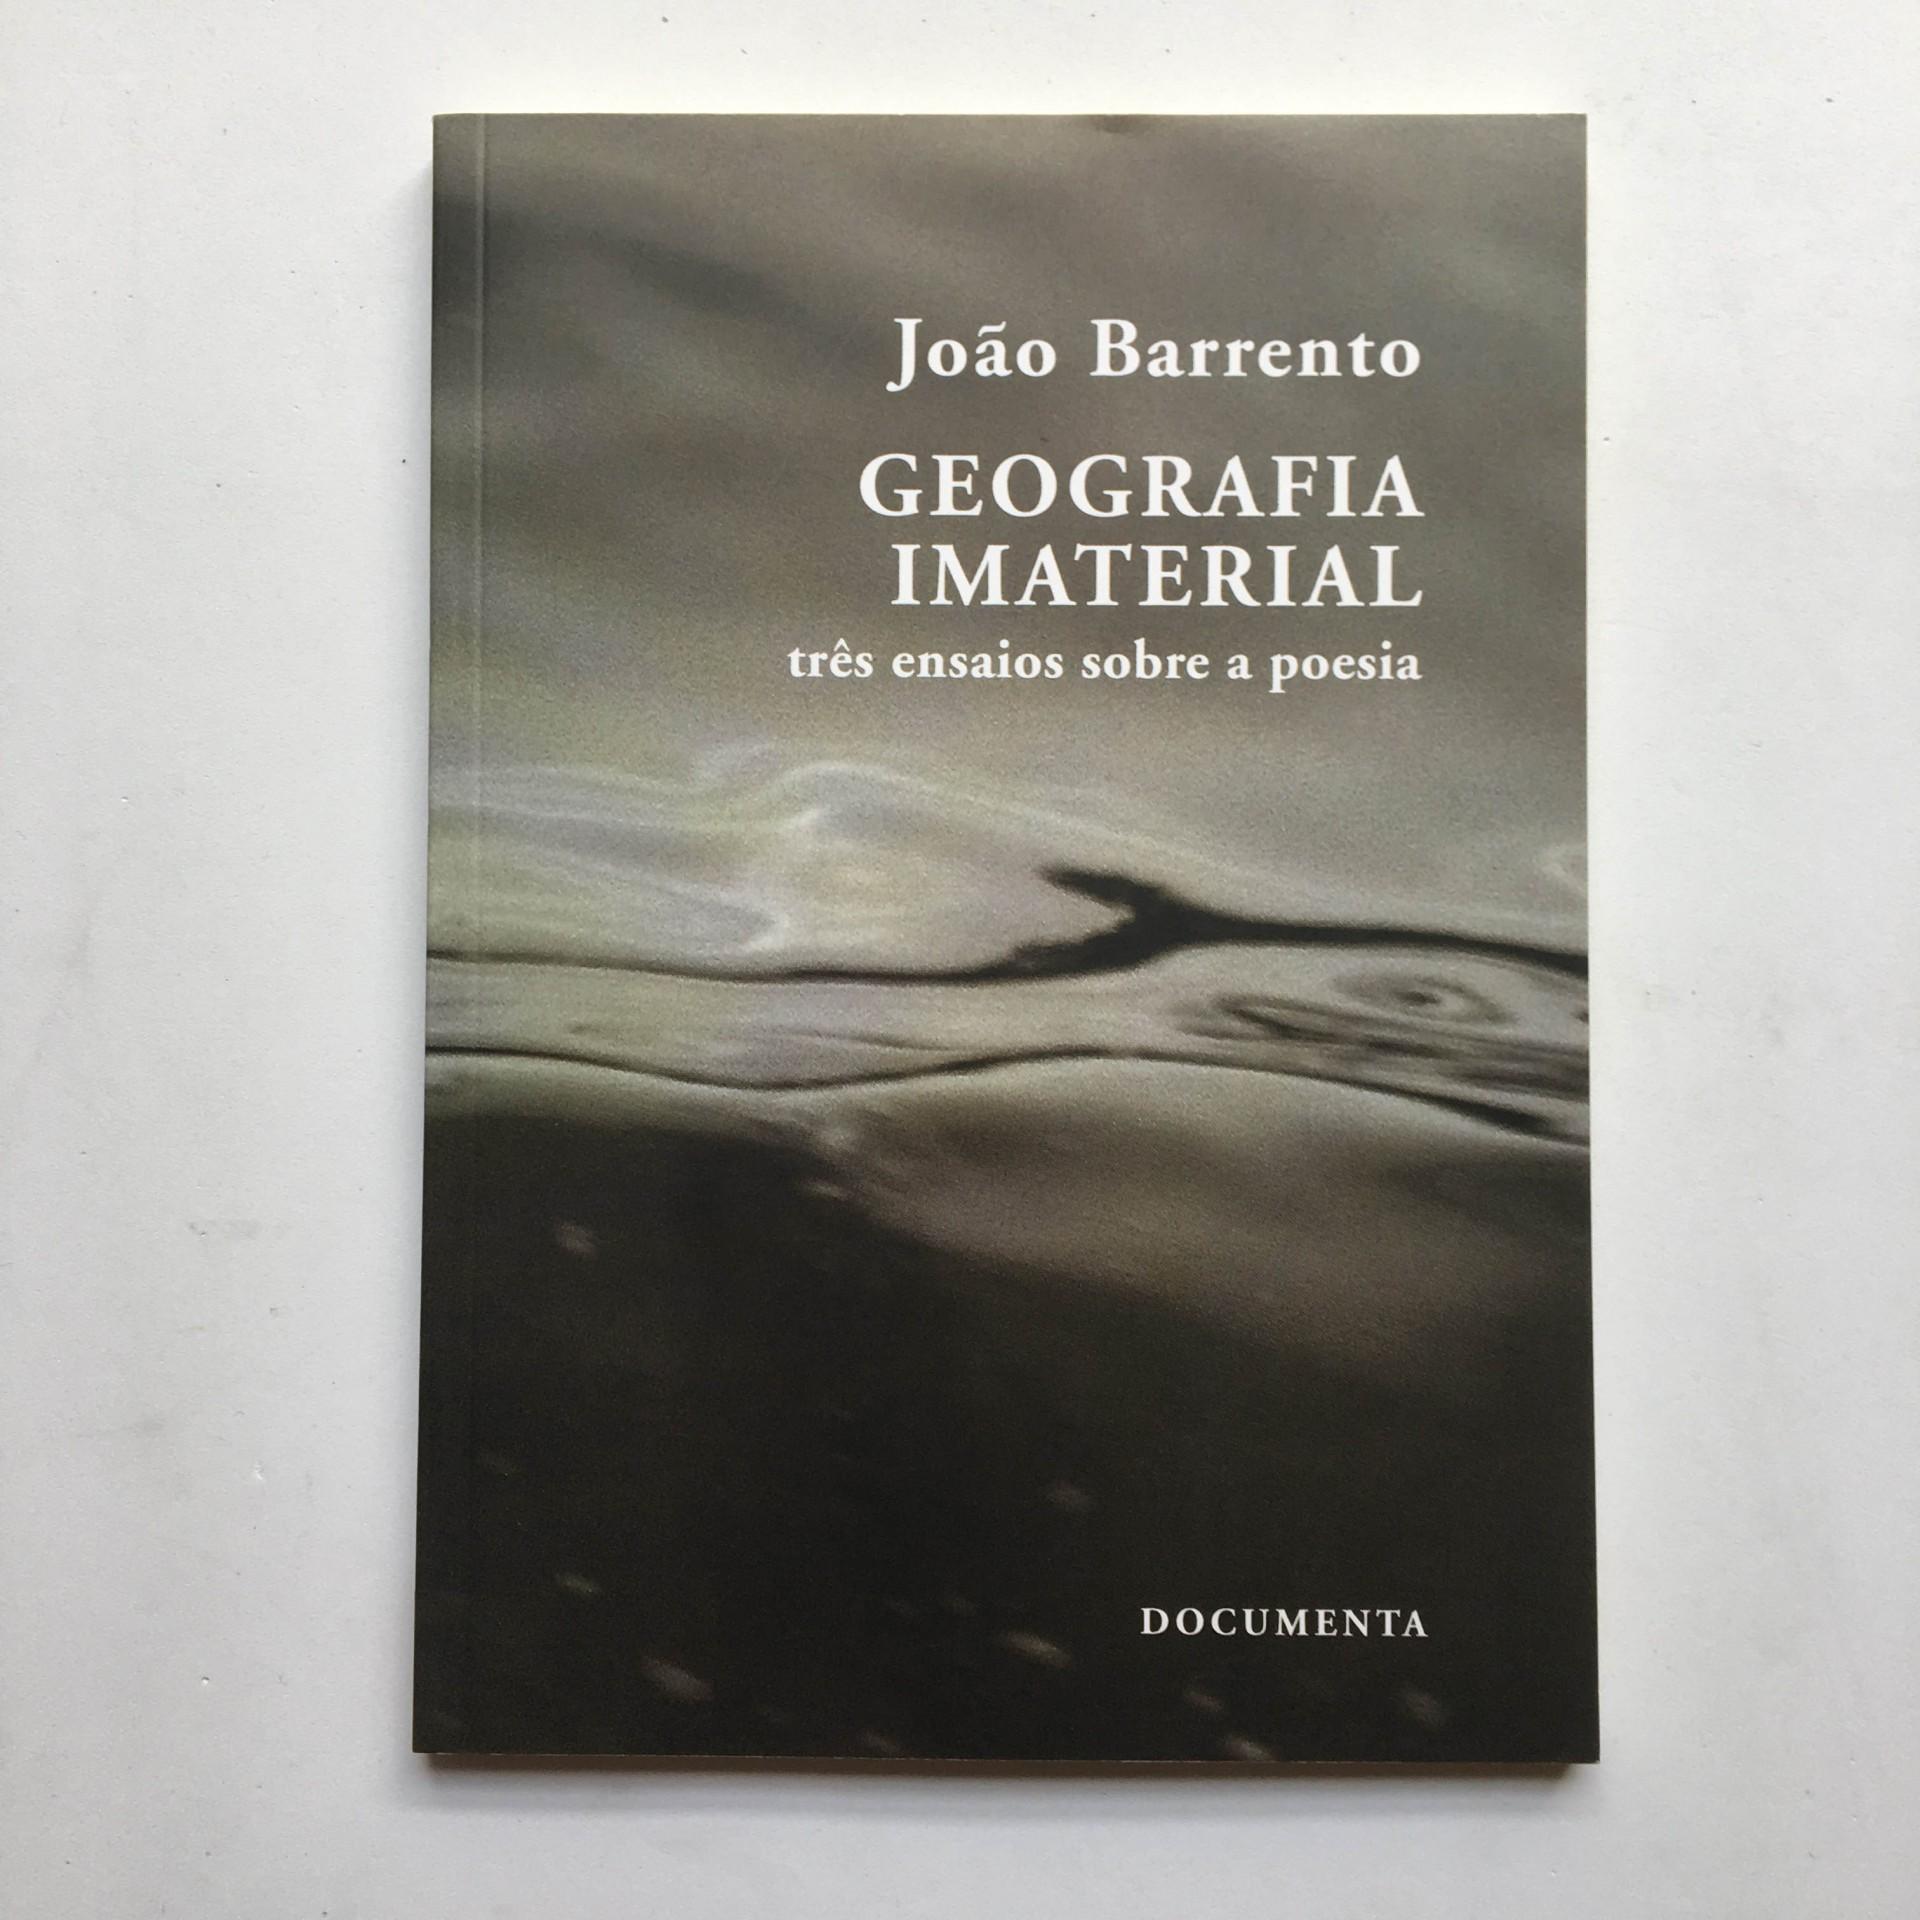 Geografia Imaterial: três ensaios sobre a poesia